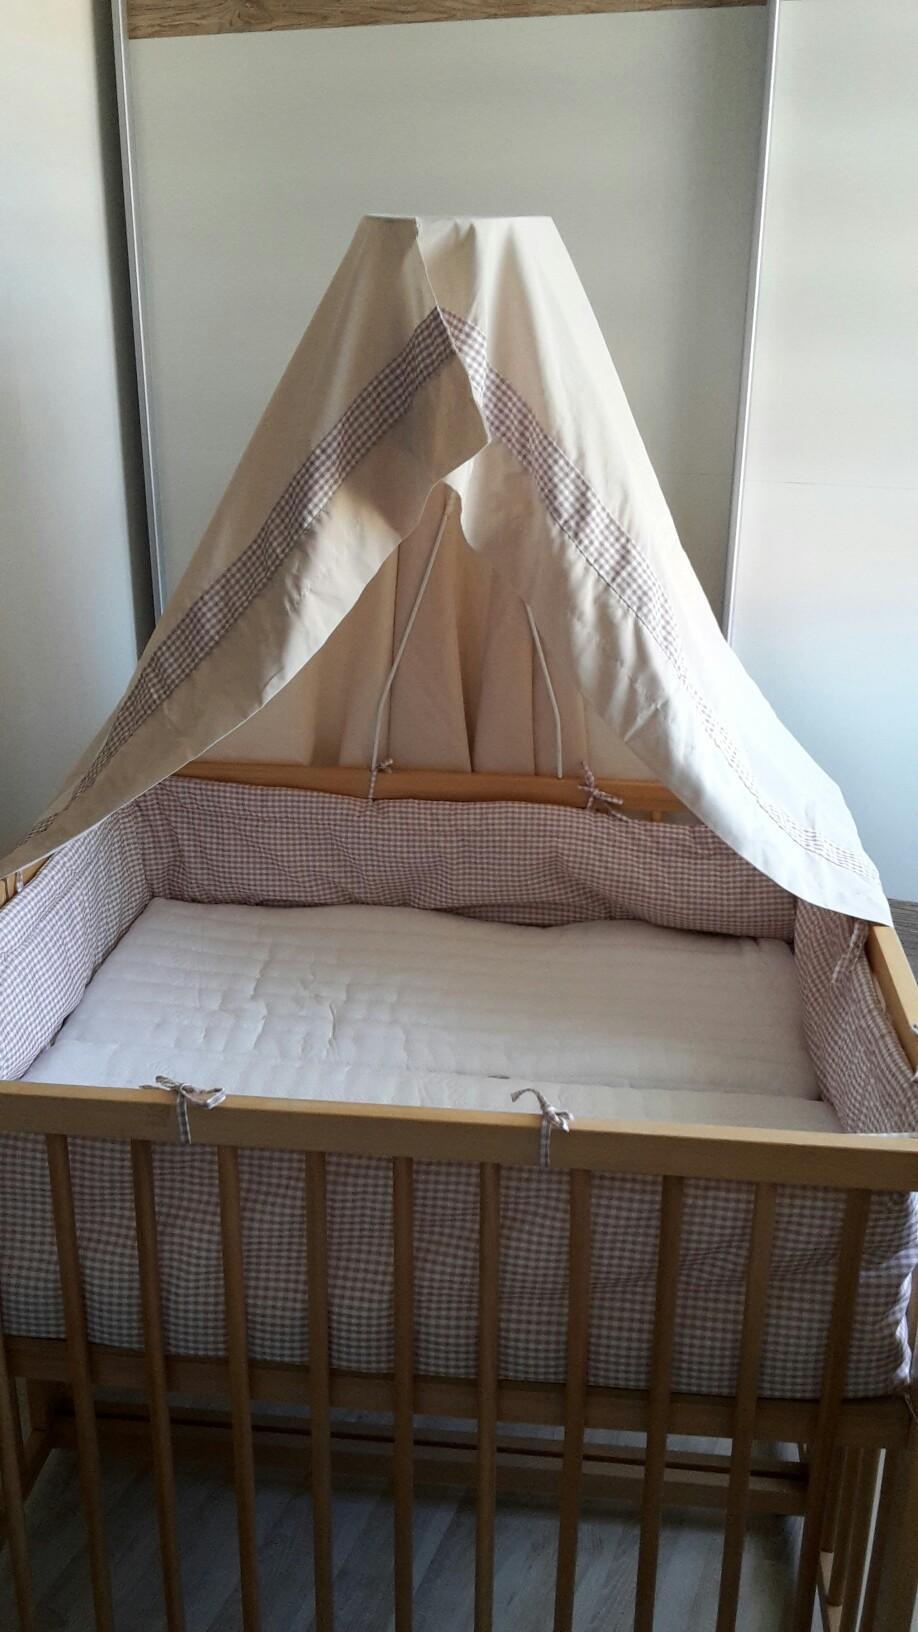 Gebraucht beistellbett zwillingsbett stubenwagen in